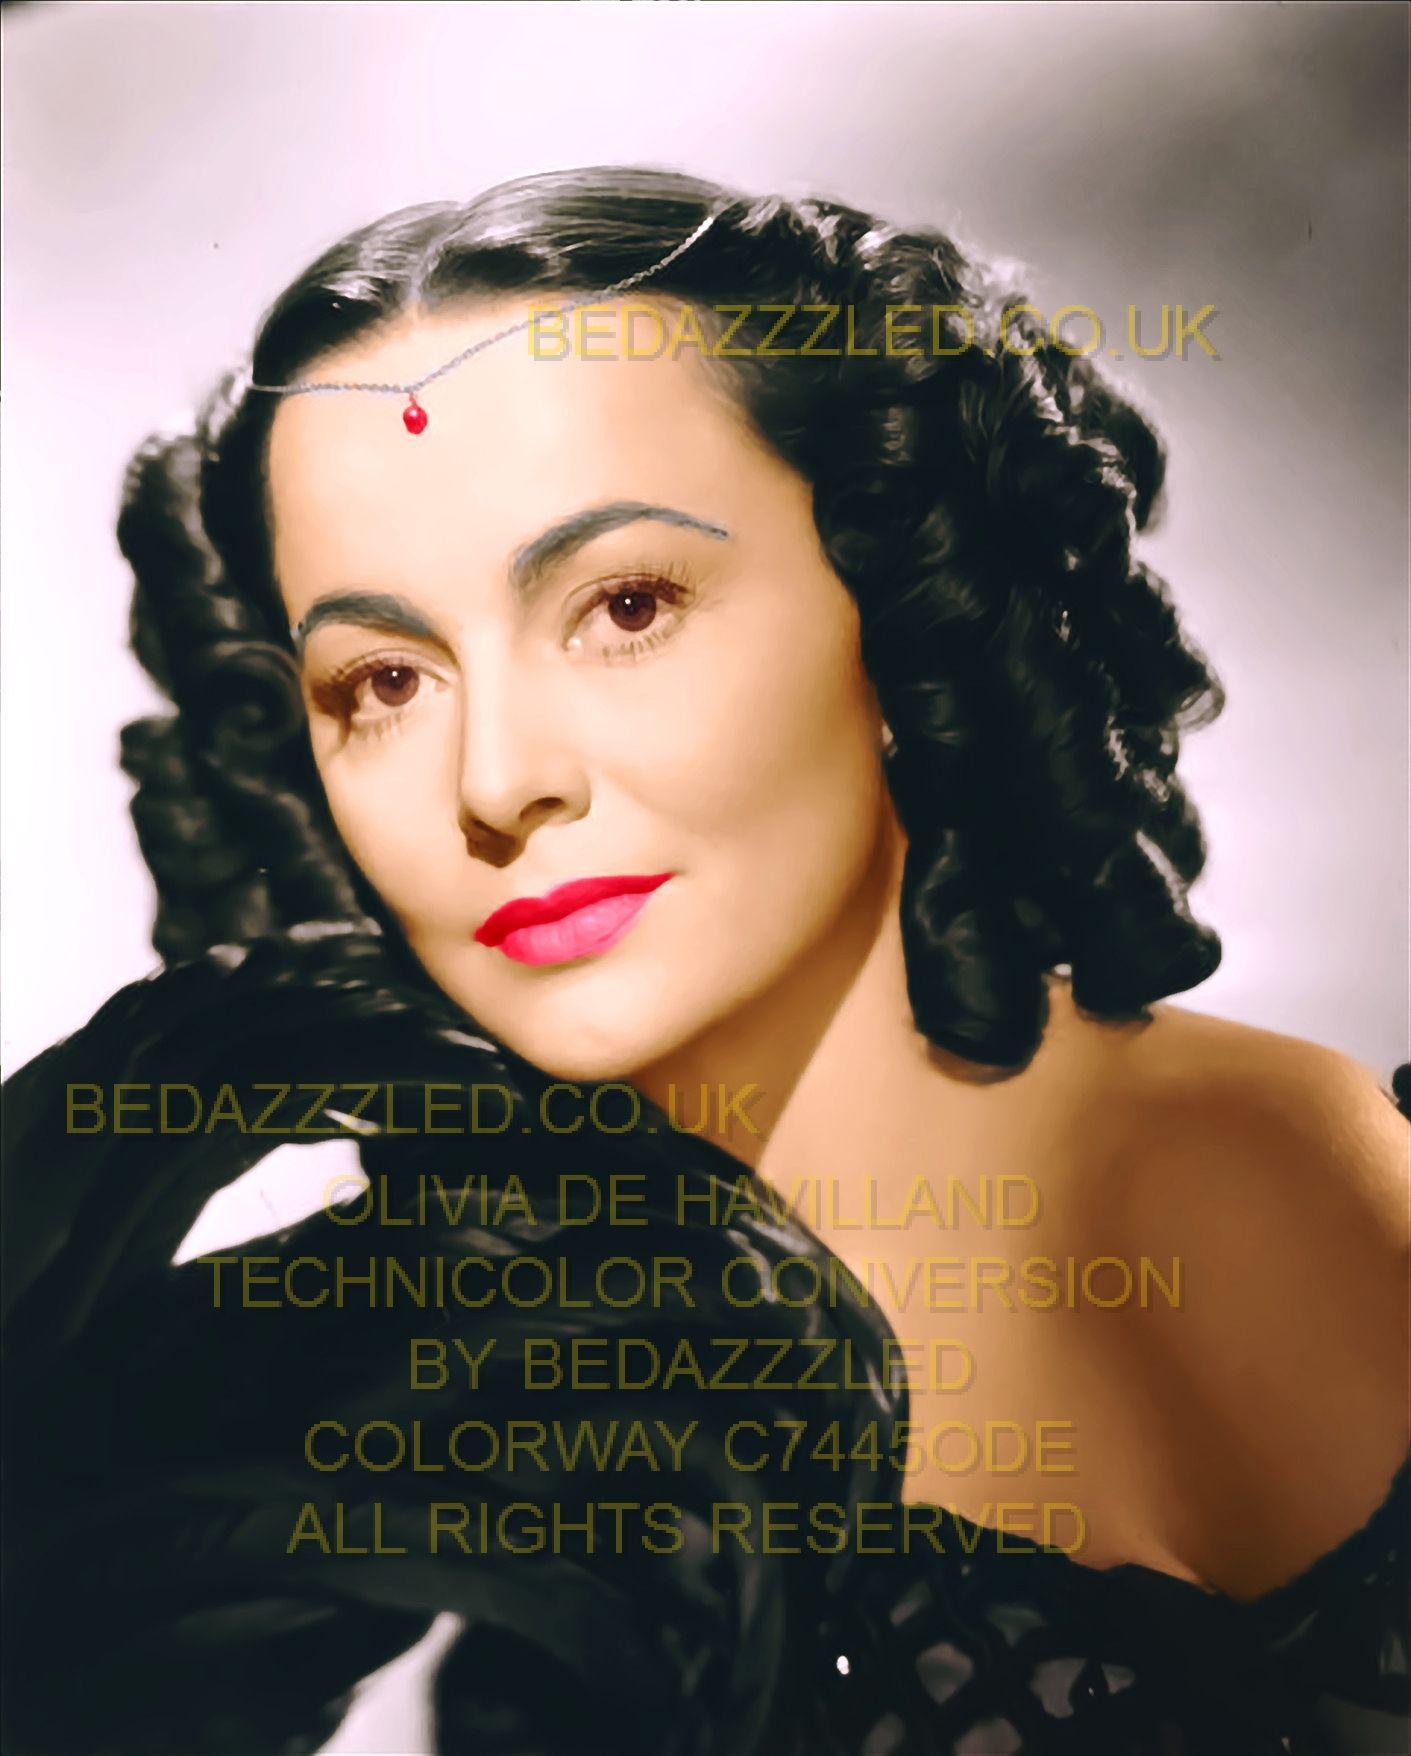 OLIVIA DE HAVILLAND TECHNICOLOR CONVERSION BY BEDAZZZLED